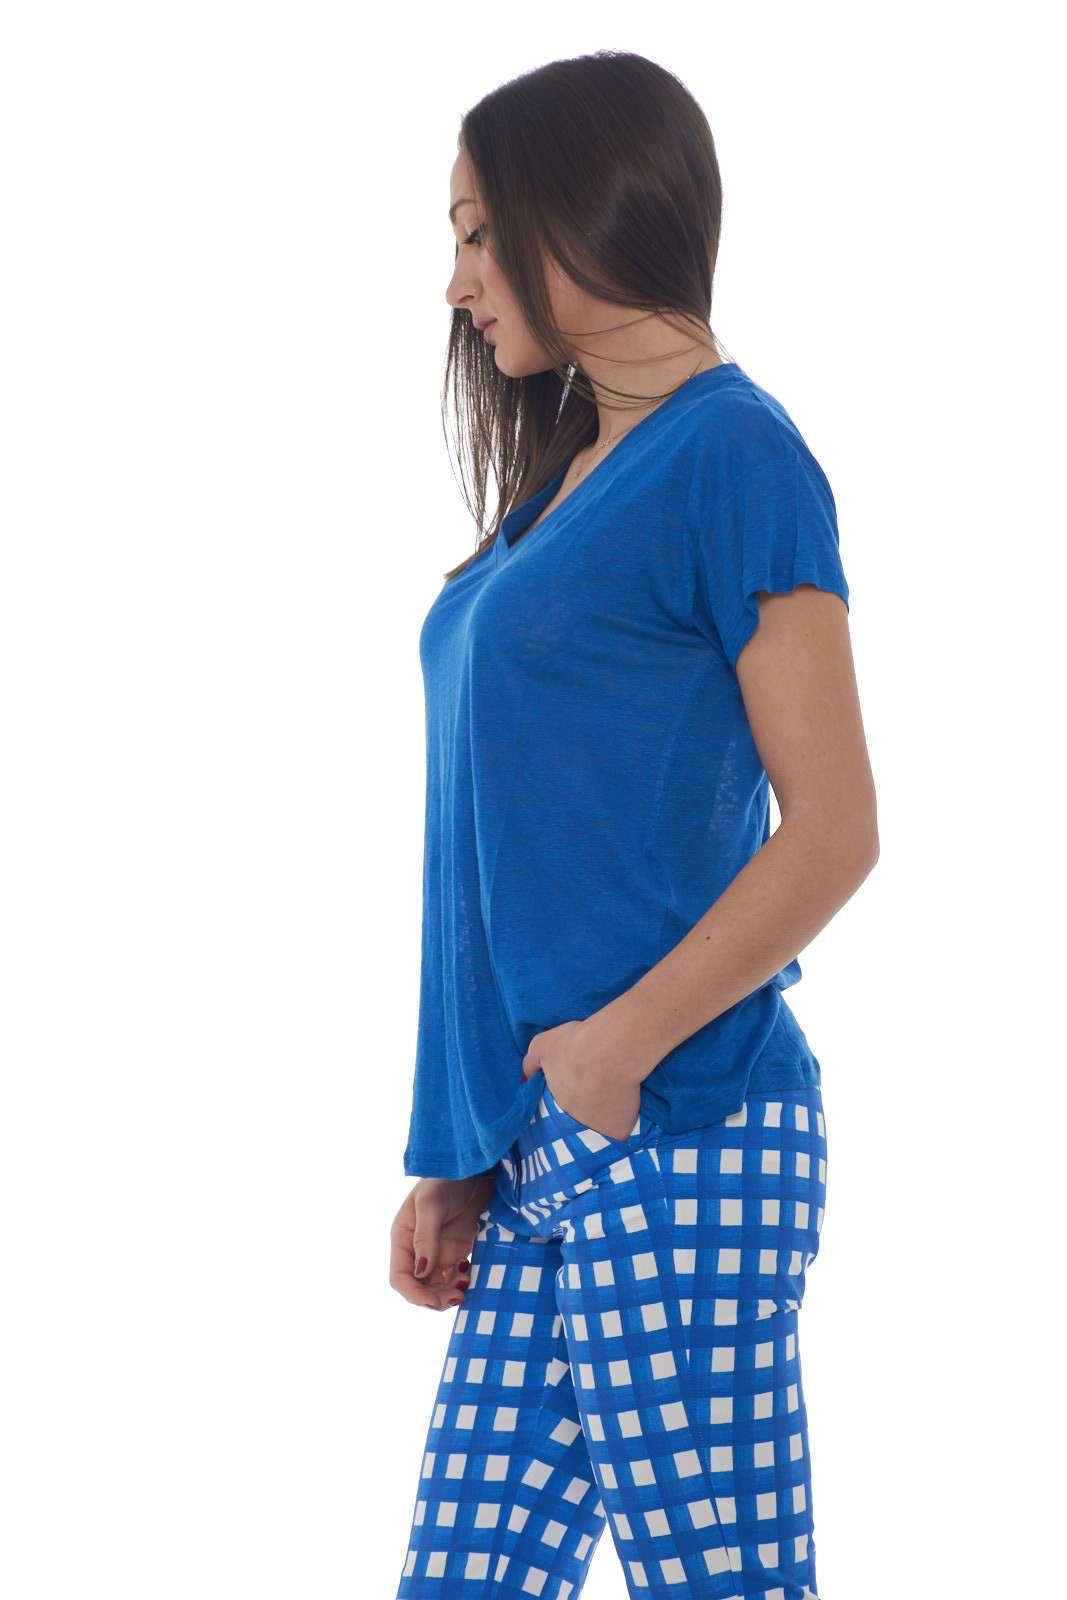 https://www.parmax.com/media/catalog/product/a/i/PE-outlet_parmax-t-shirt-donna-MaxMara-59710101-B.jpg